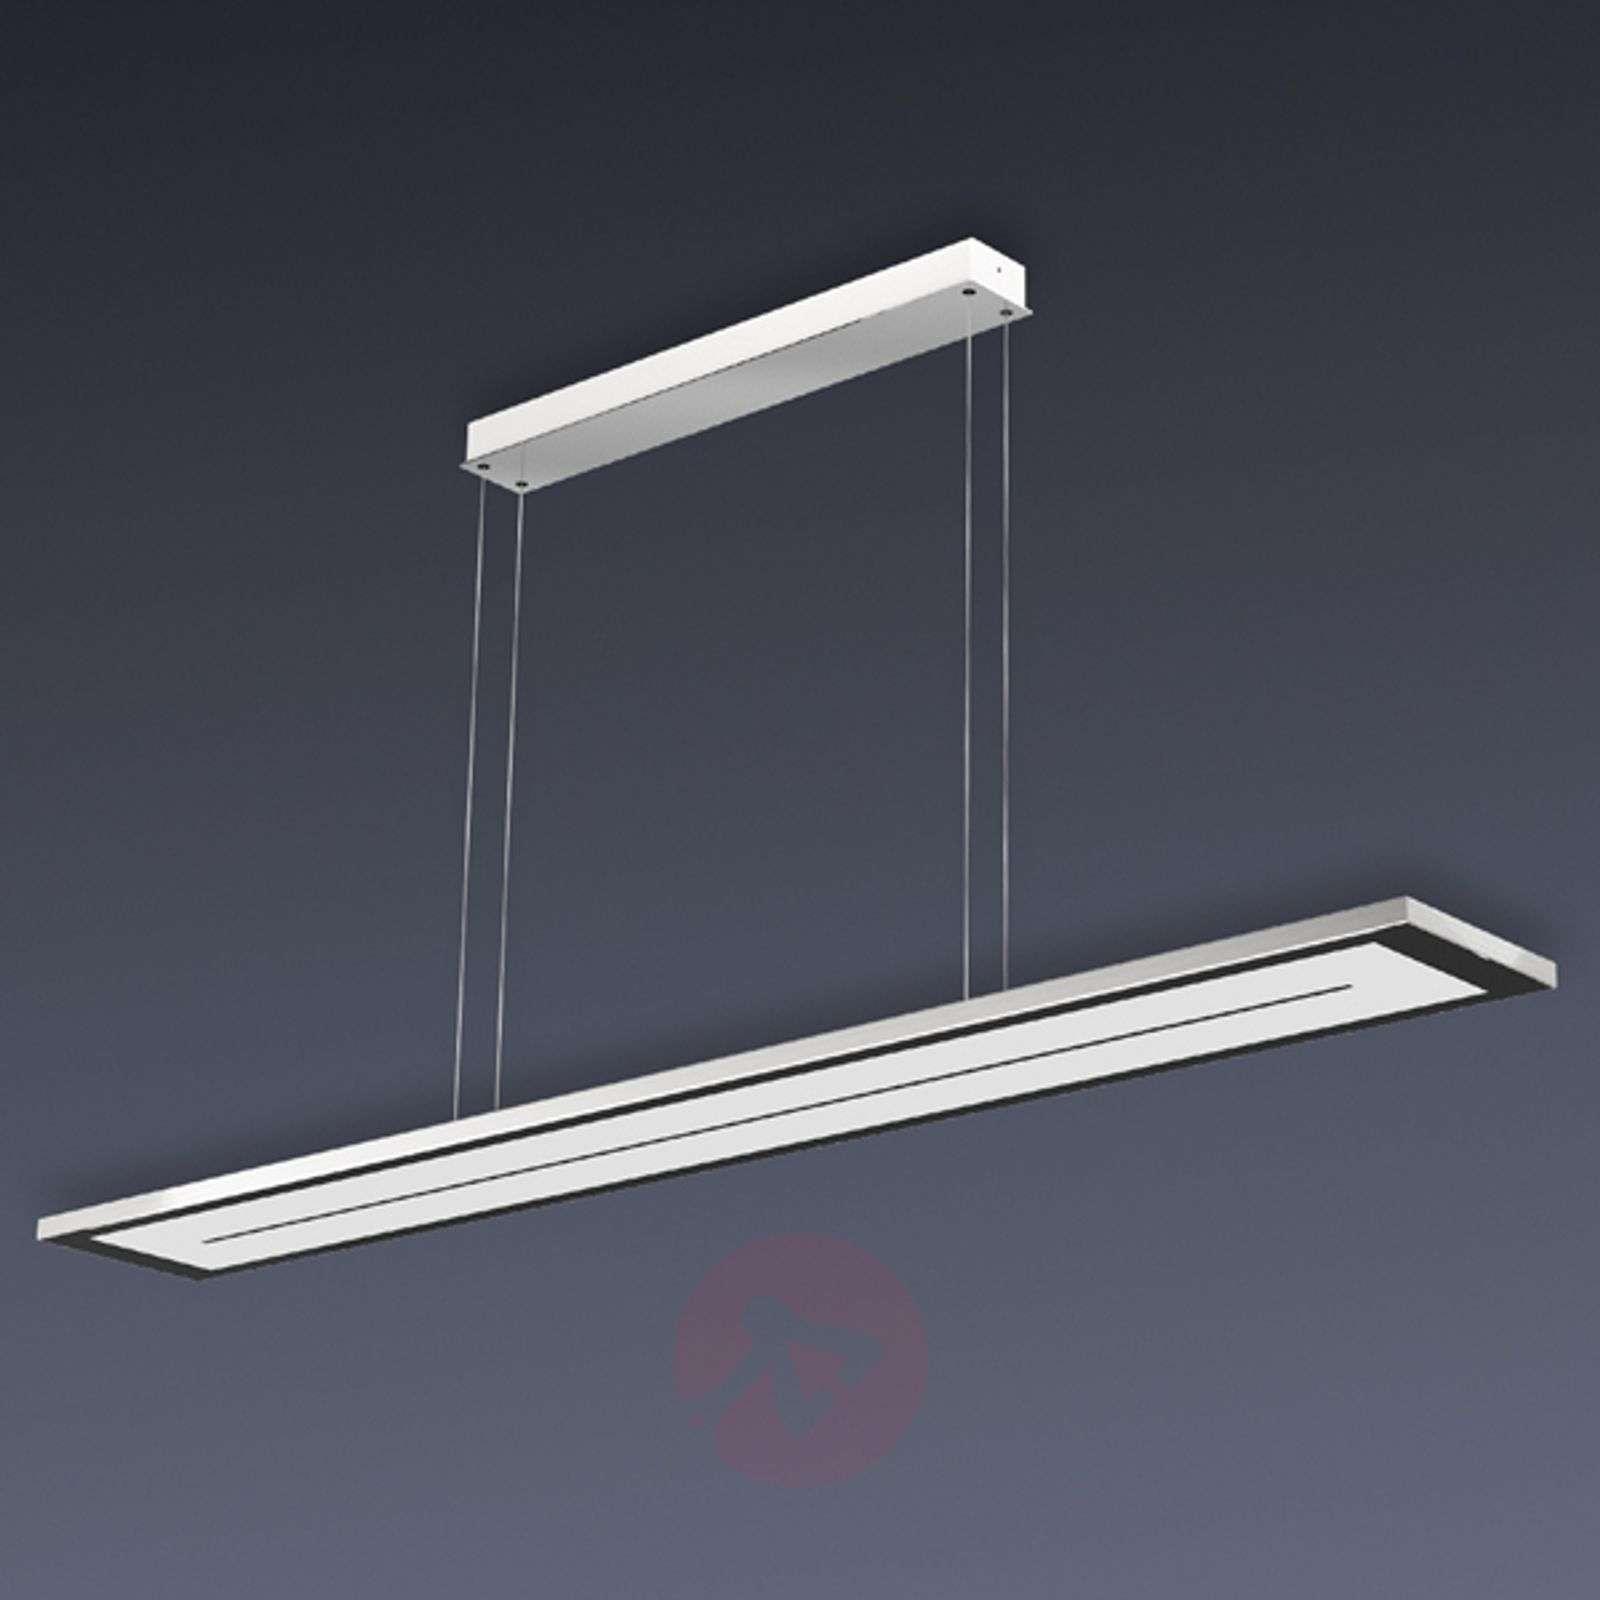 Himmennettävä Zen-LED-riippuvalaisin pituus 108 cm-3025228-01